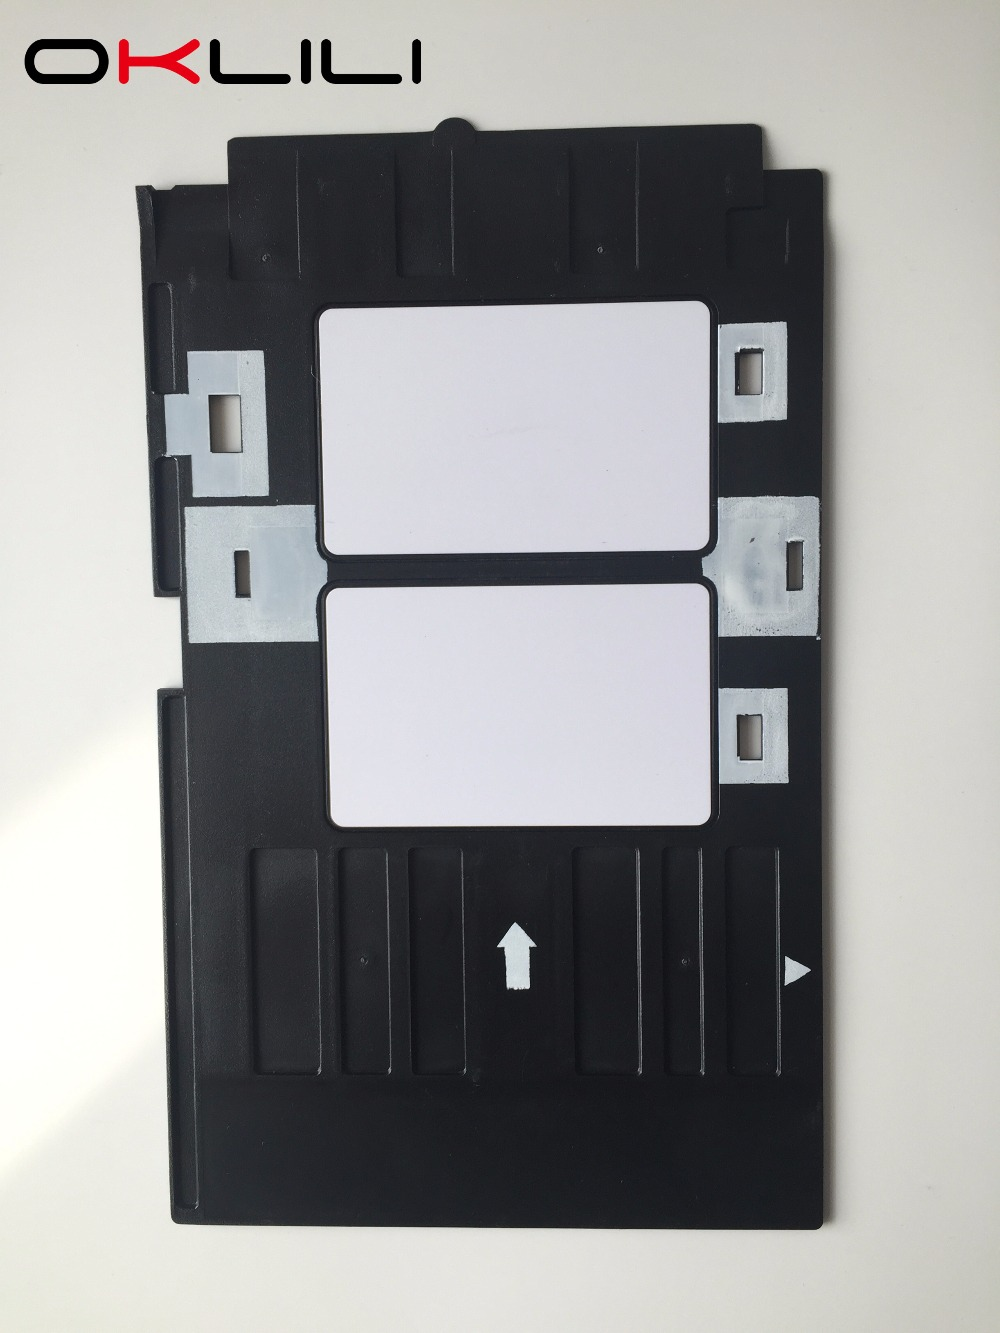 พีวีซี ID บัตรถาดพลาสติกพิมพ์บัตรถาดสำหรับ Epson R260 R265 R270 R280 R290 R380 R390 RX680 T50 T60 A50 P50 L800 L801 R330